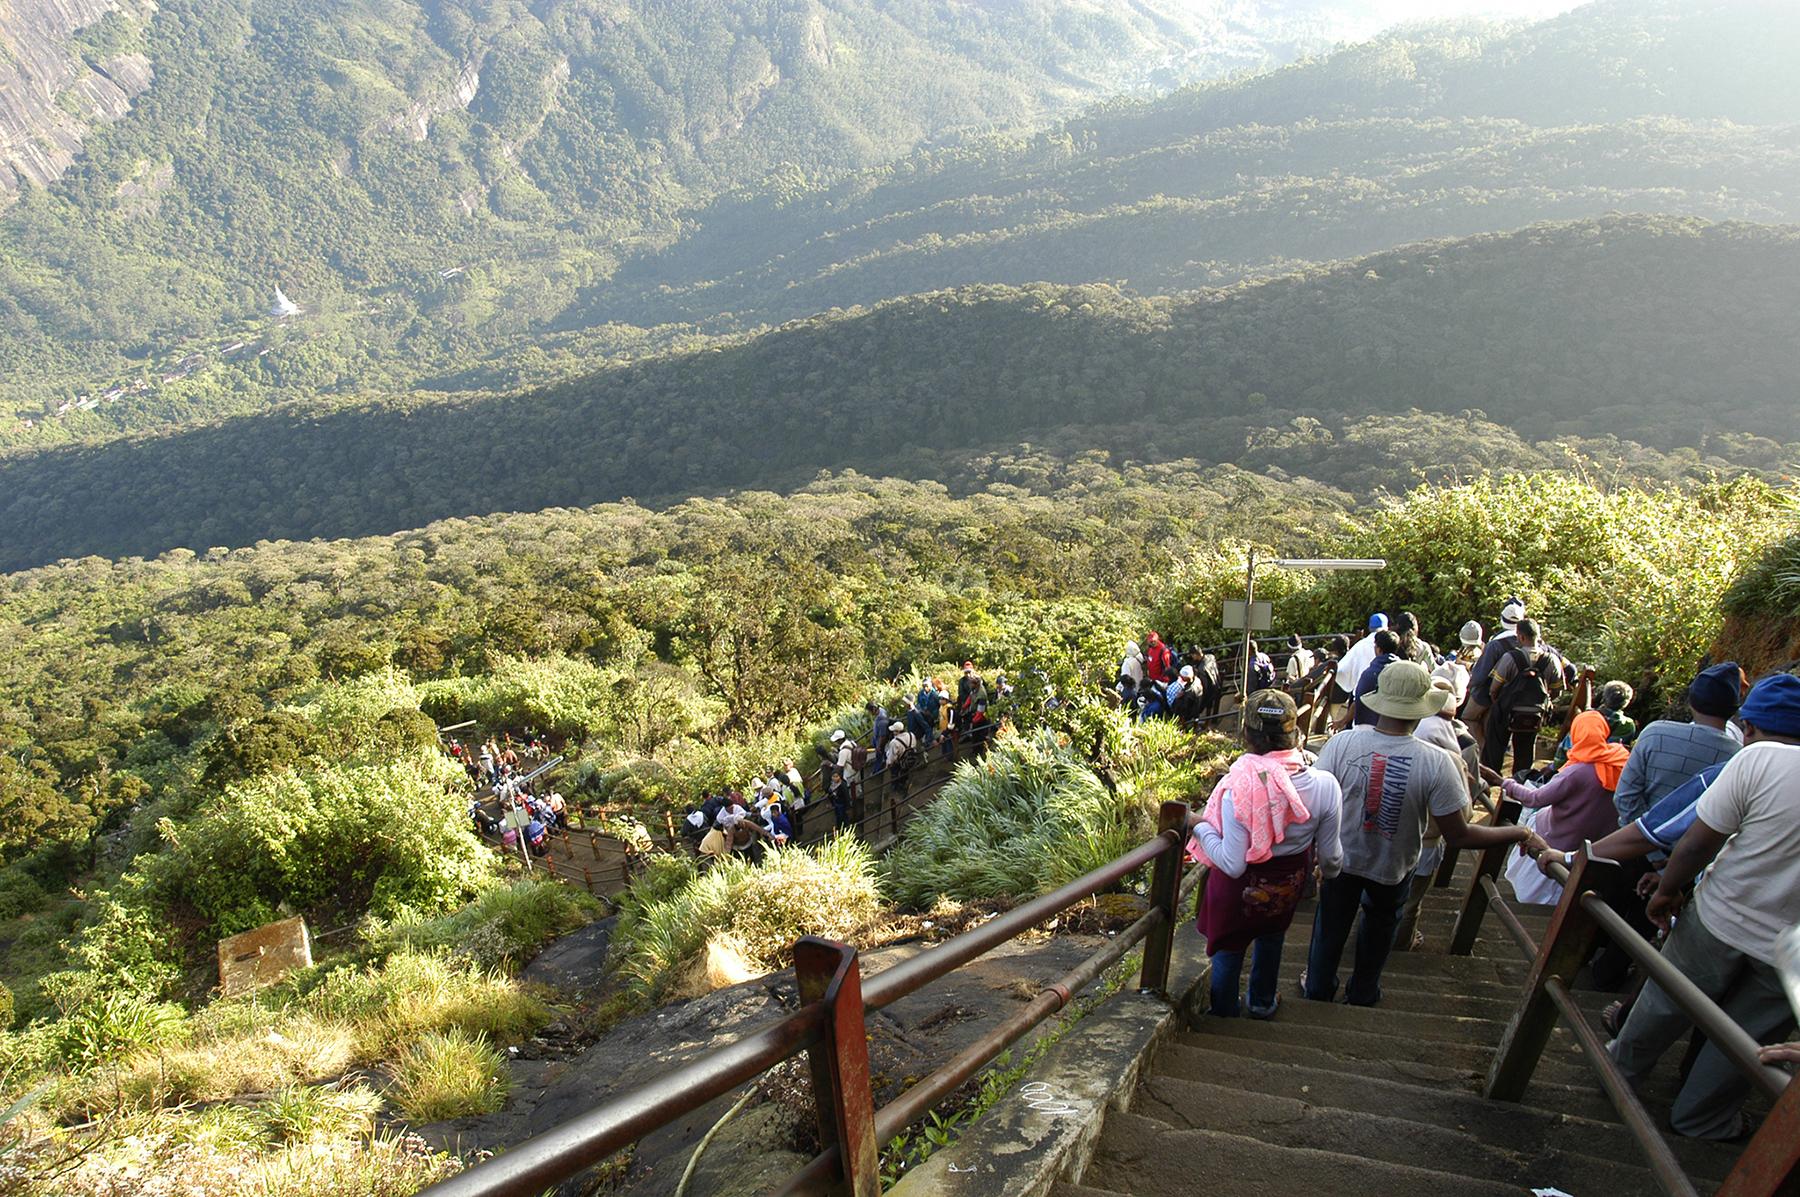 Adam's Peak is a popular pilgrim site in Sri Lanka